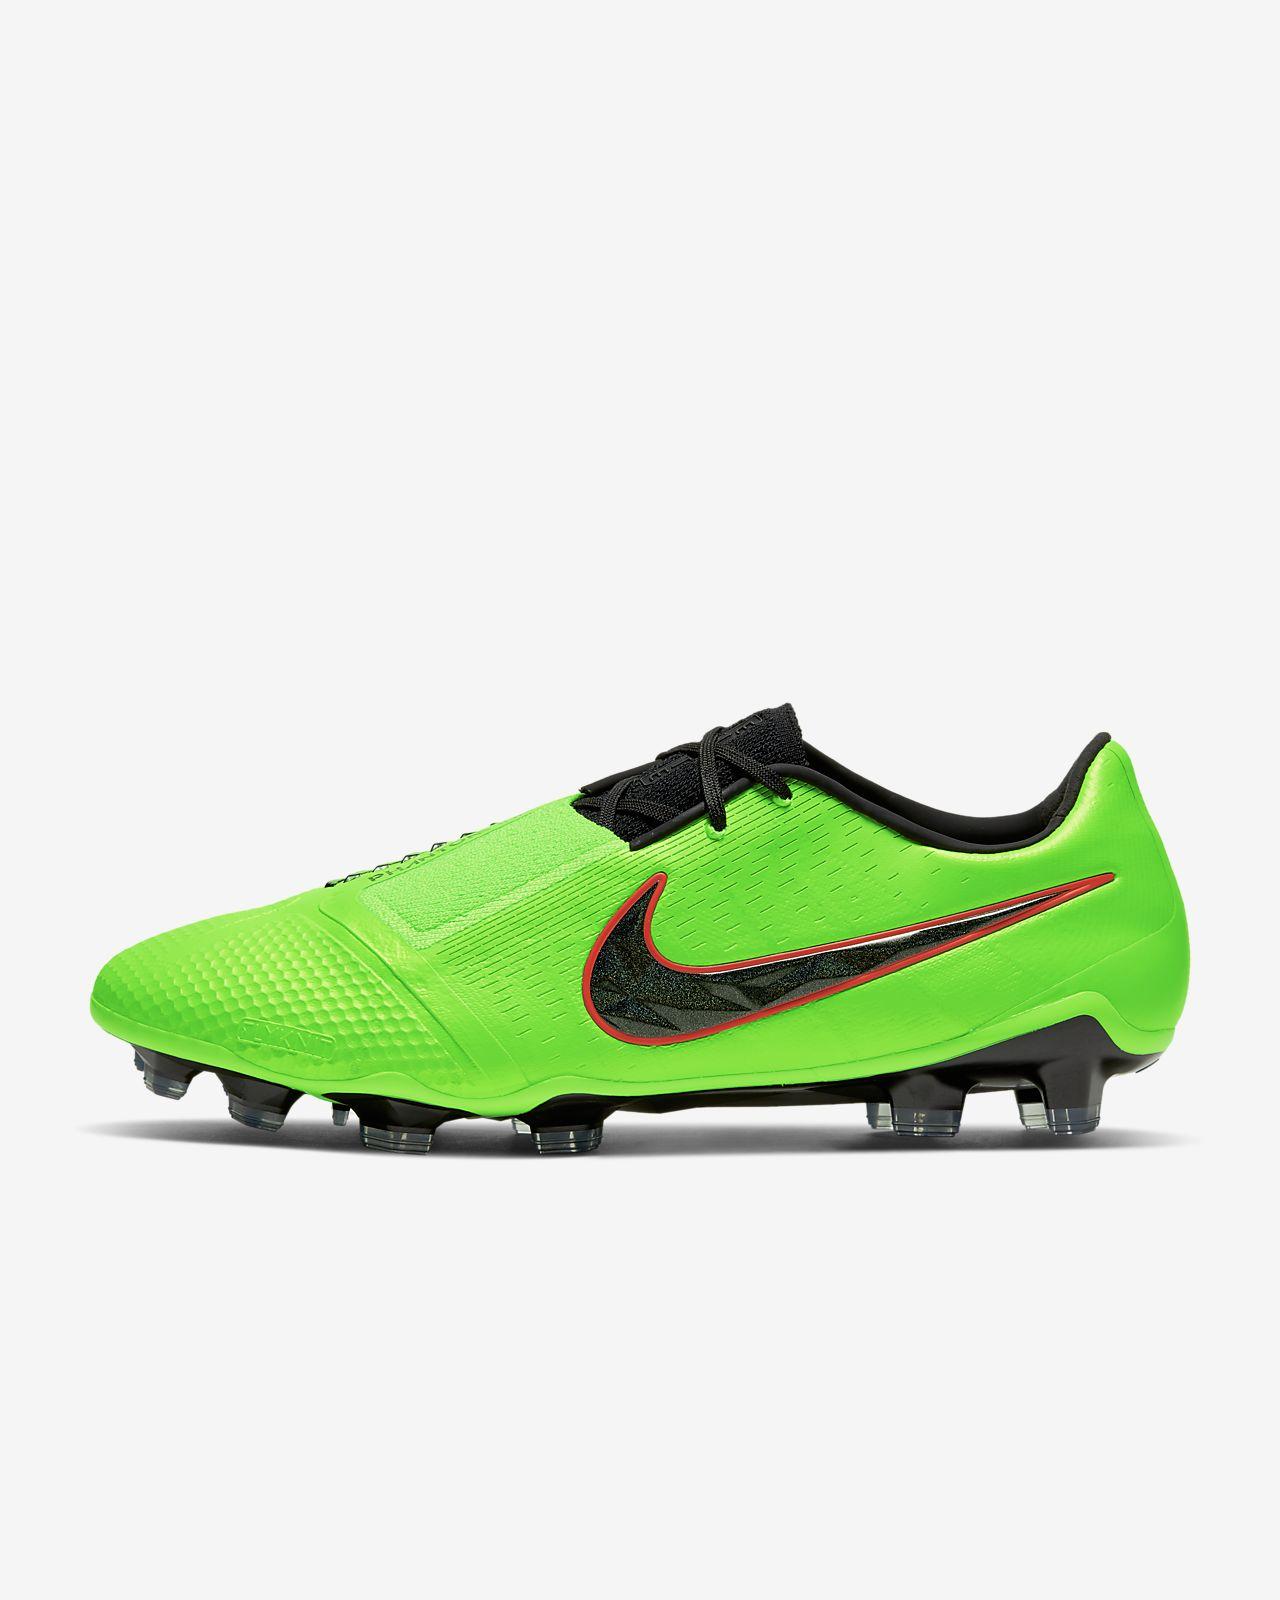 Fotbollssko för gräs Nike Phantom Venom Elite FG